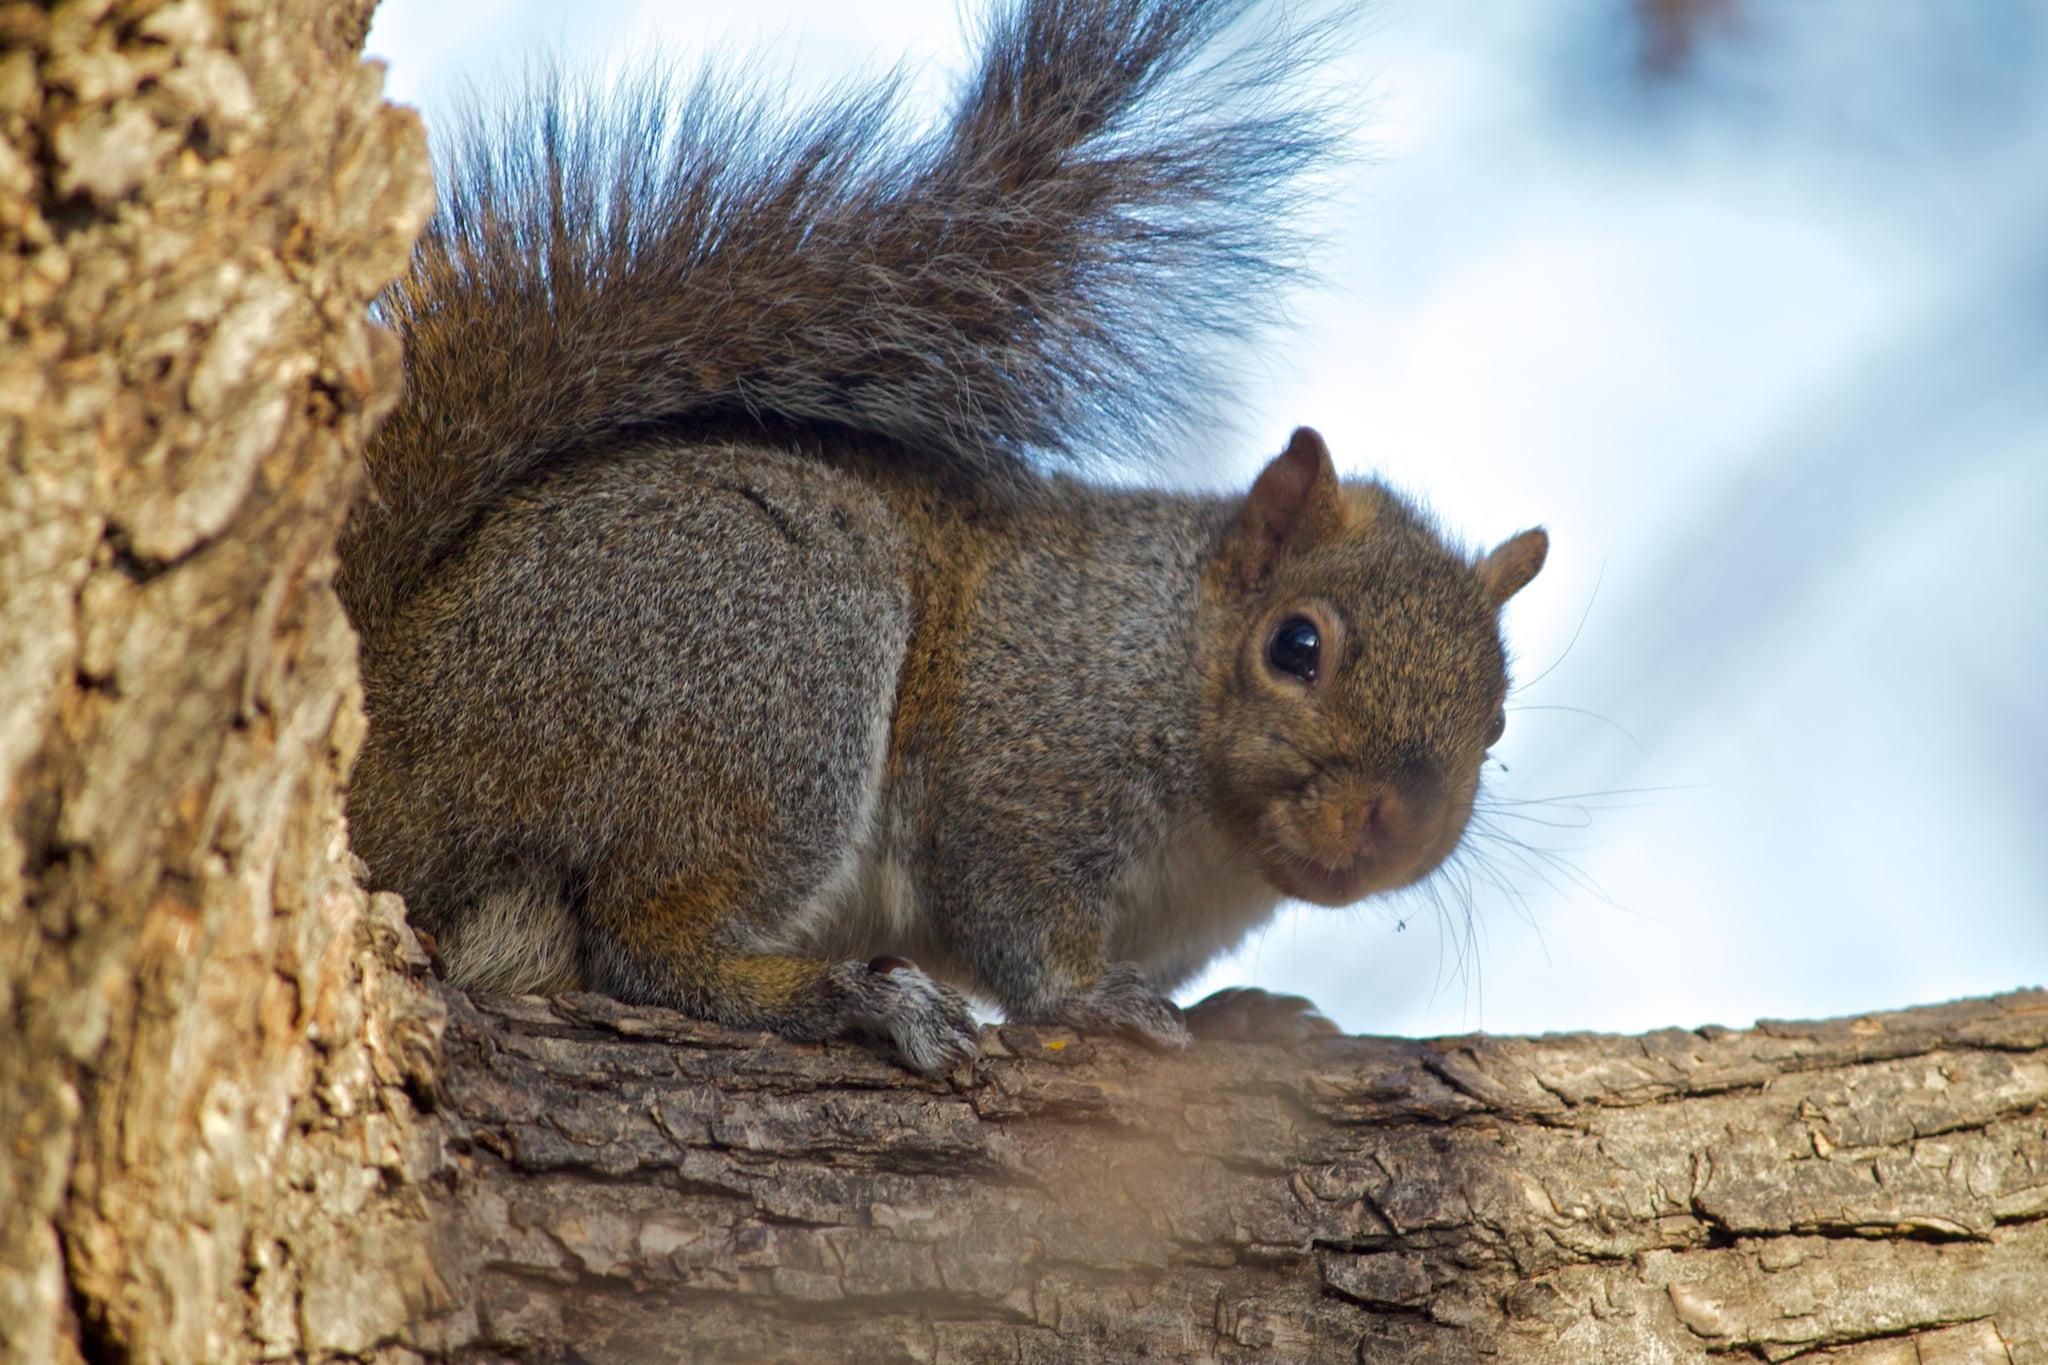 棕色的松鼠,在白天的高清壁纸树枝上的选择性焦点摄影